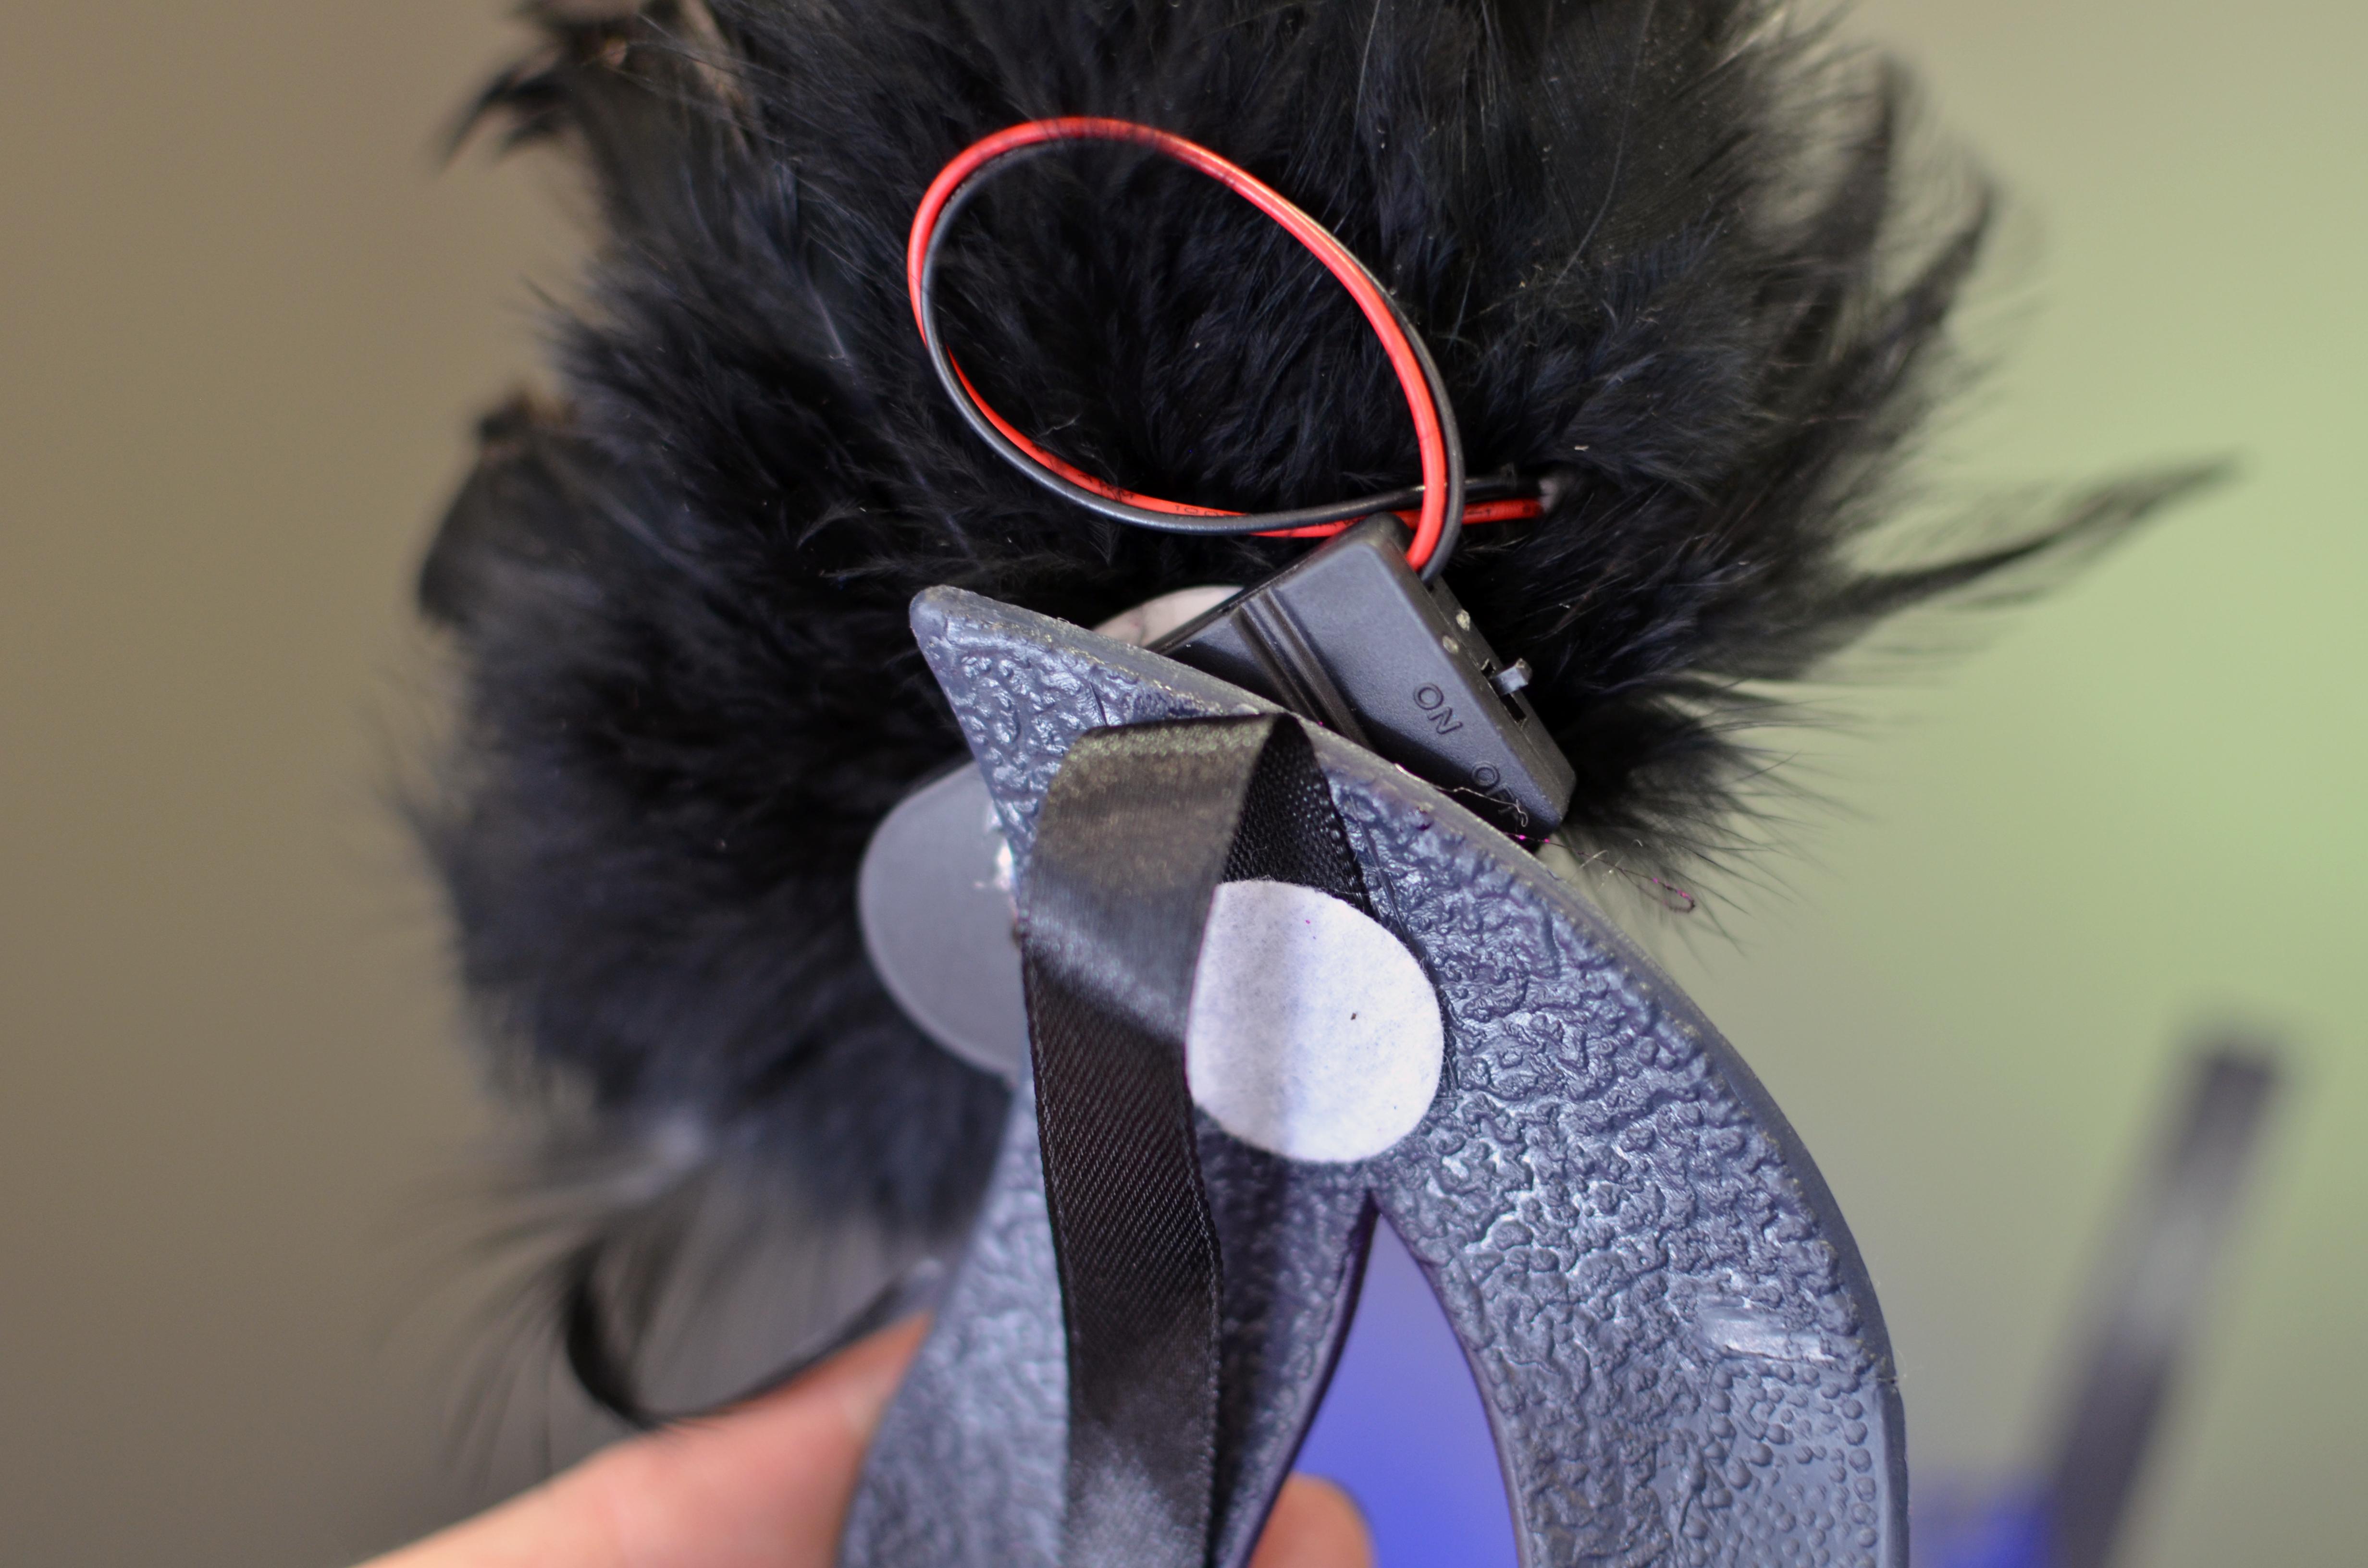 leds_blue-sequin-mask-battery-pack.jpg